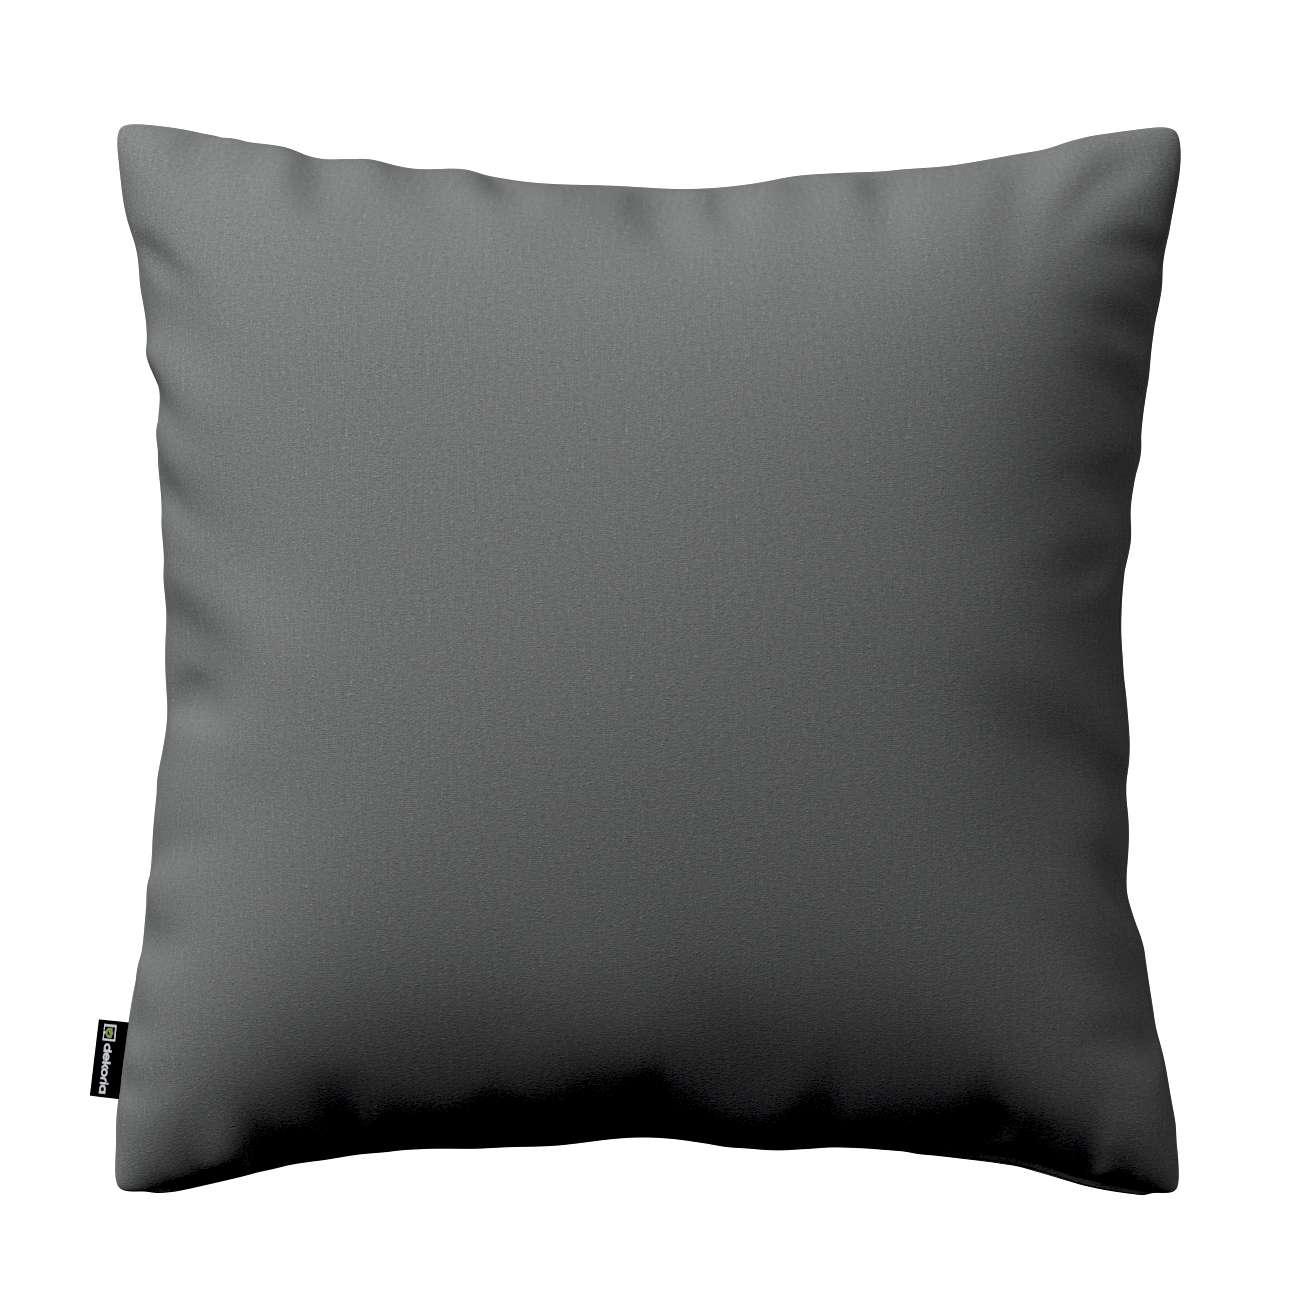 Poszewka Kinga na poduszkę 43 x 43 cm w kolekcji Quadro, tkanina: 136-14